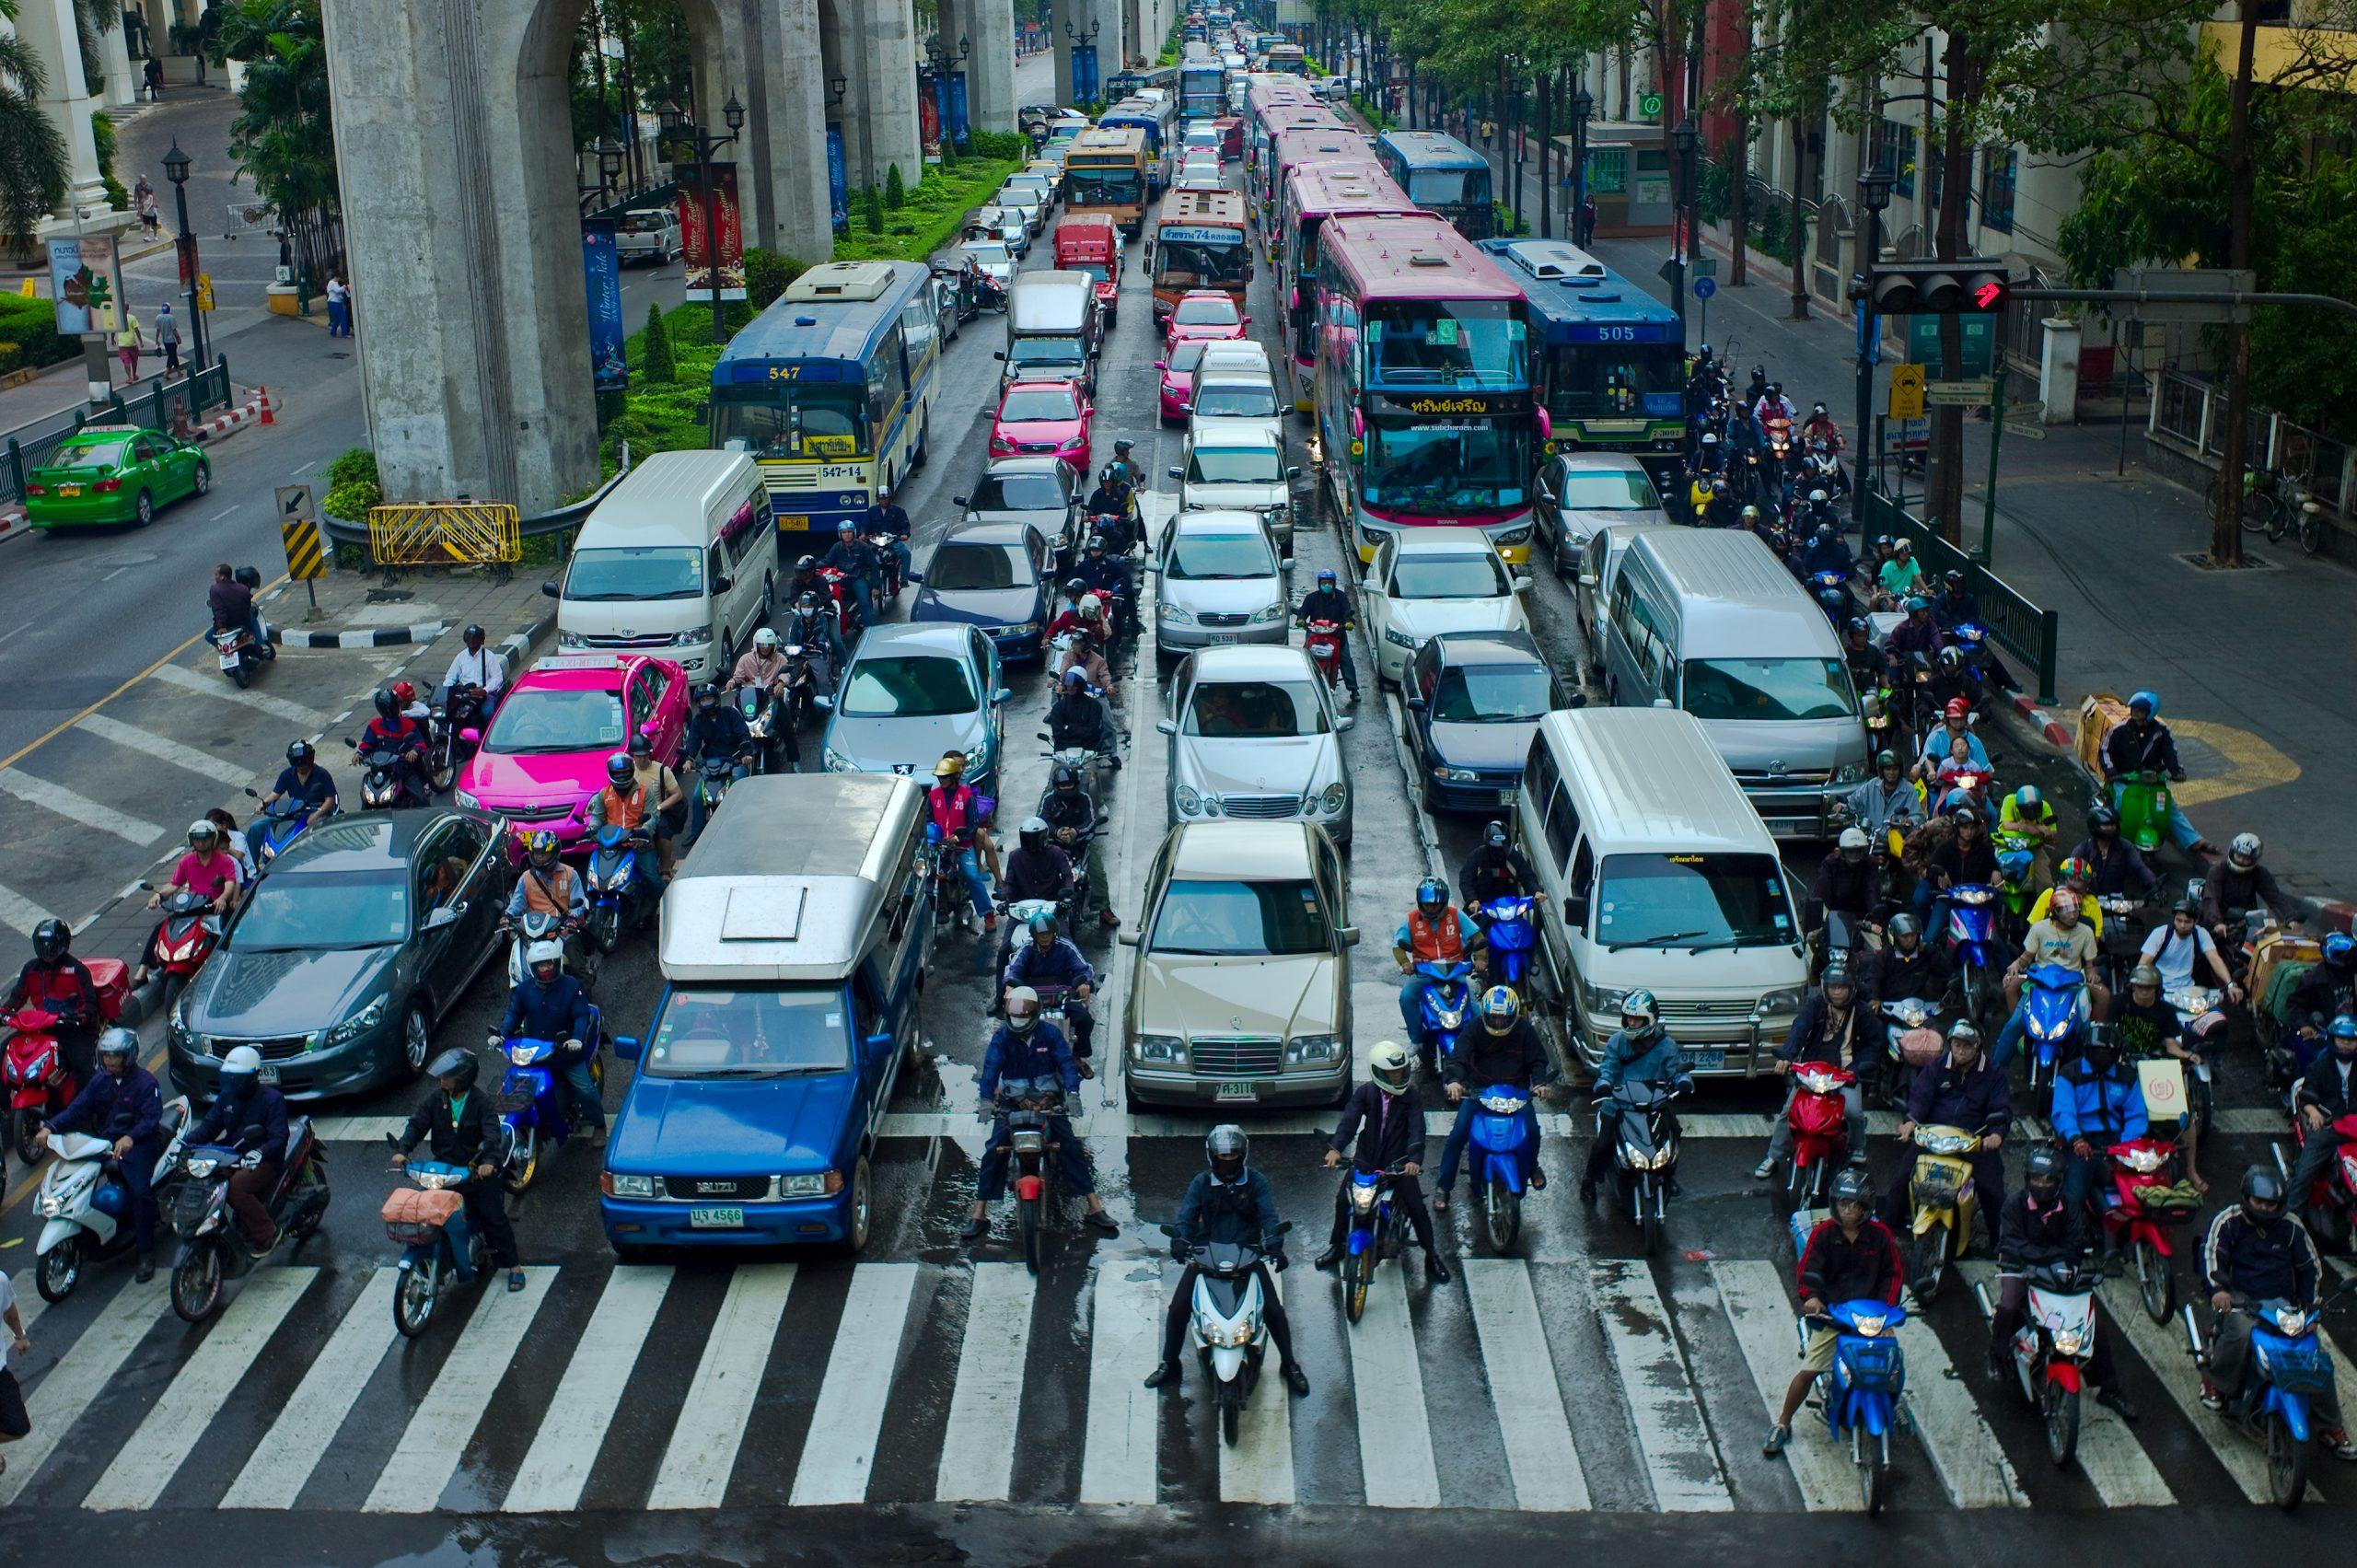 Circulation à Antananarivo : les deux roues représentent une échappatoire face aux bouchons